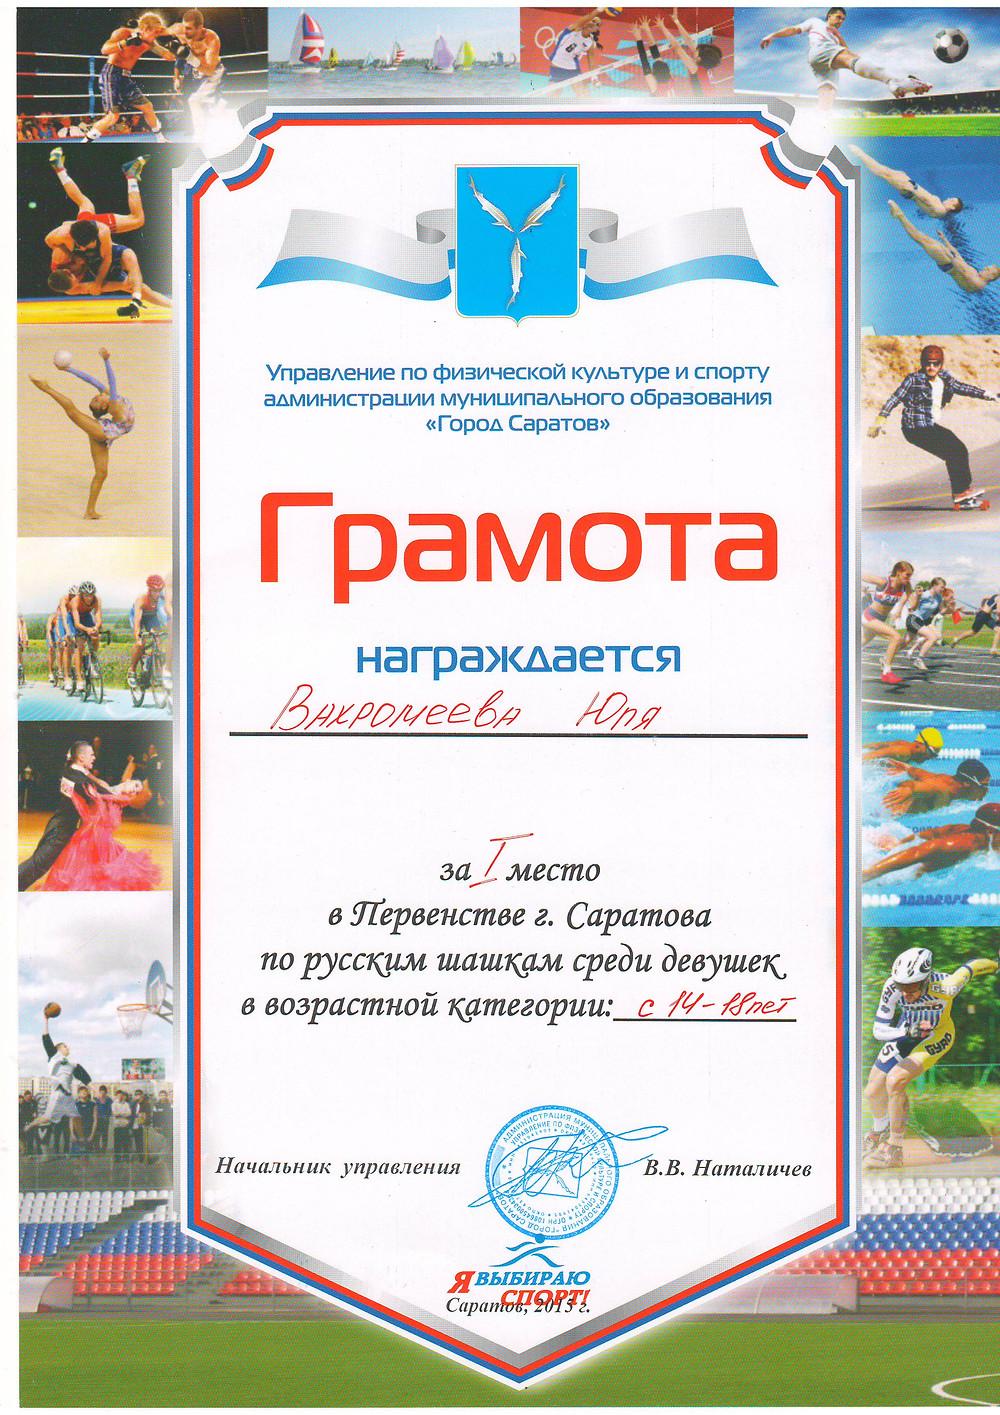 Вахромеева Юлия.JPG